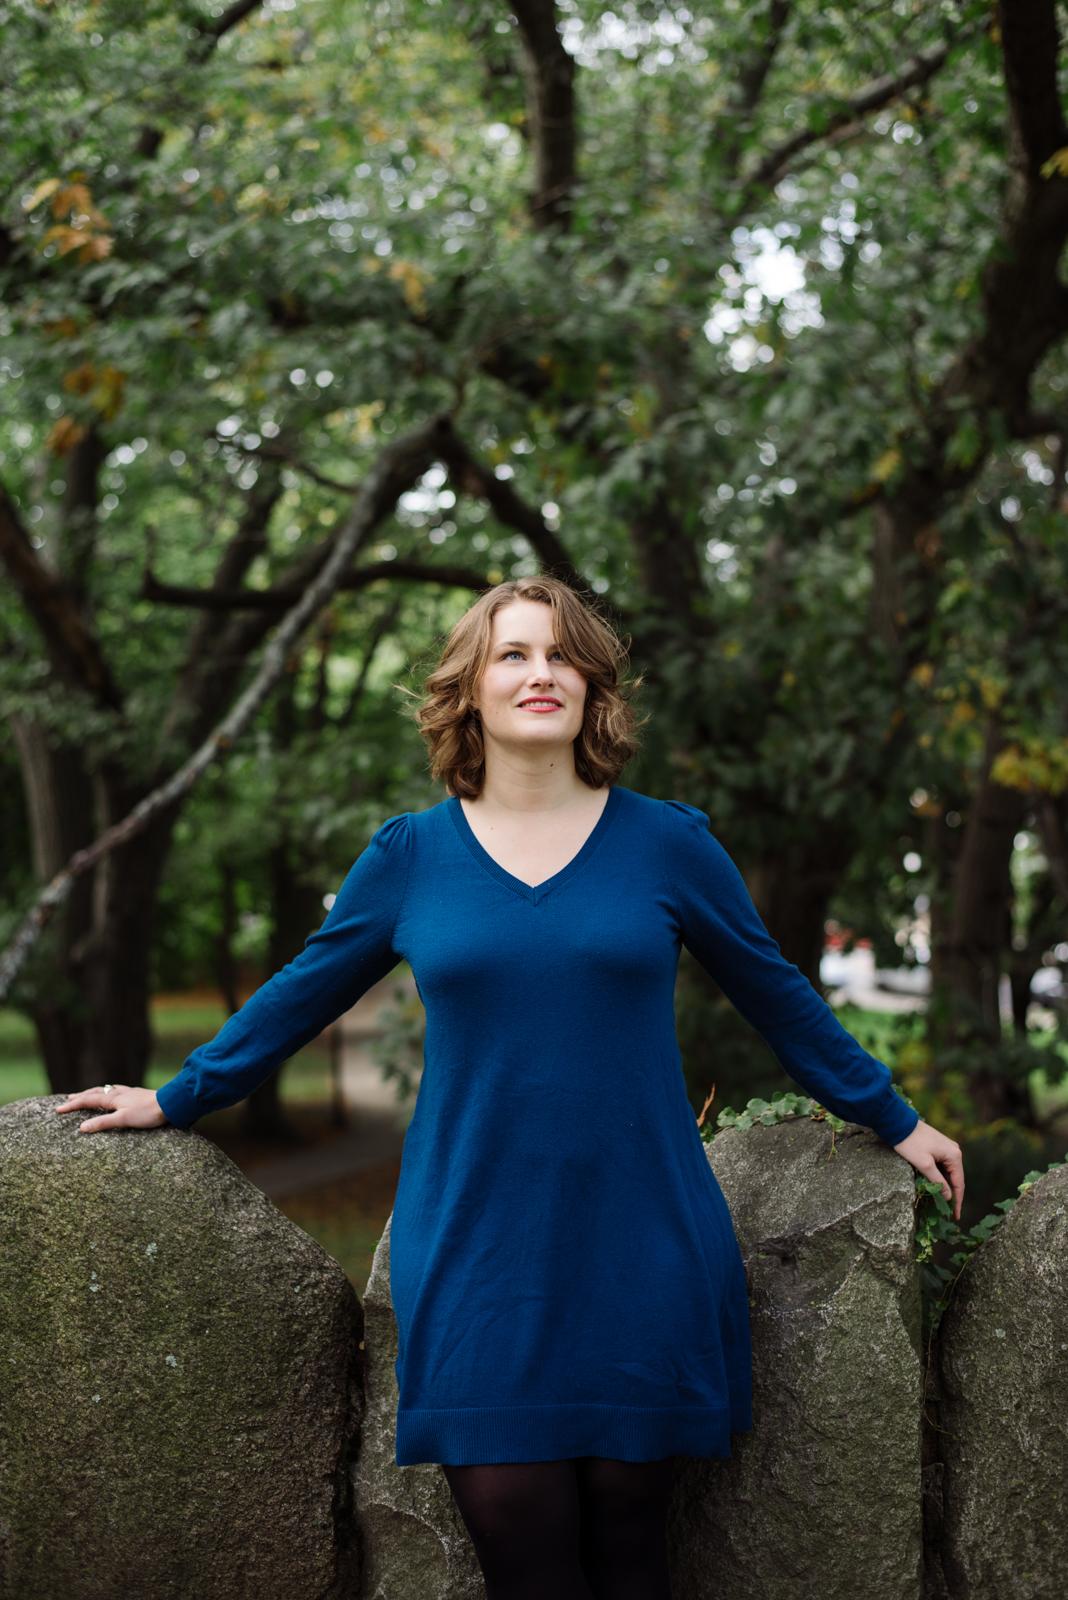 10142018-AbbyBowling-JuliaLuckettPhotography-17.jpg